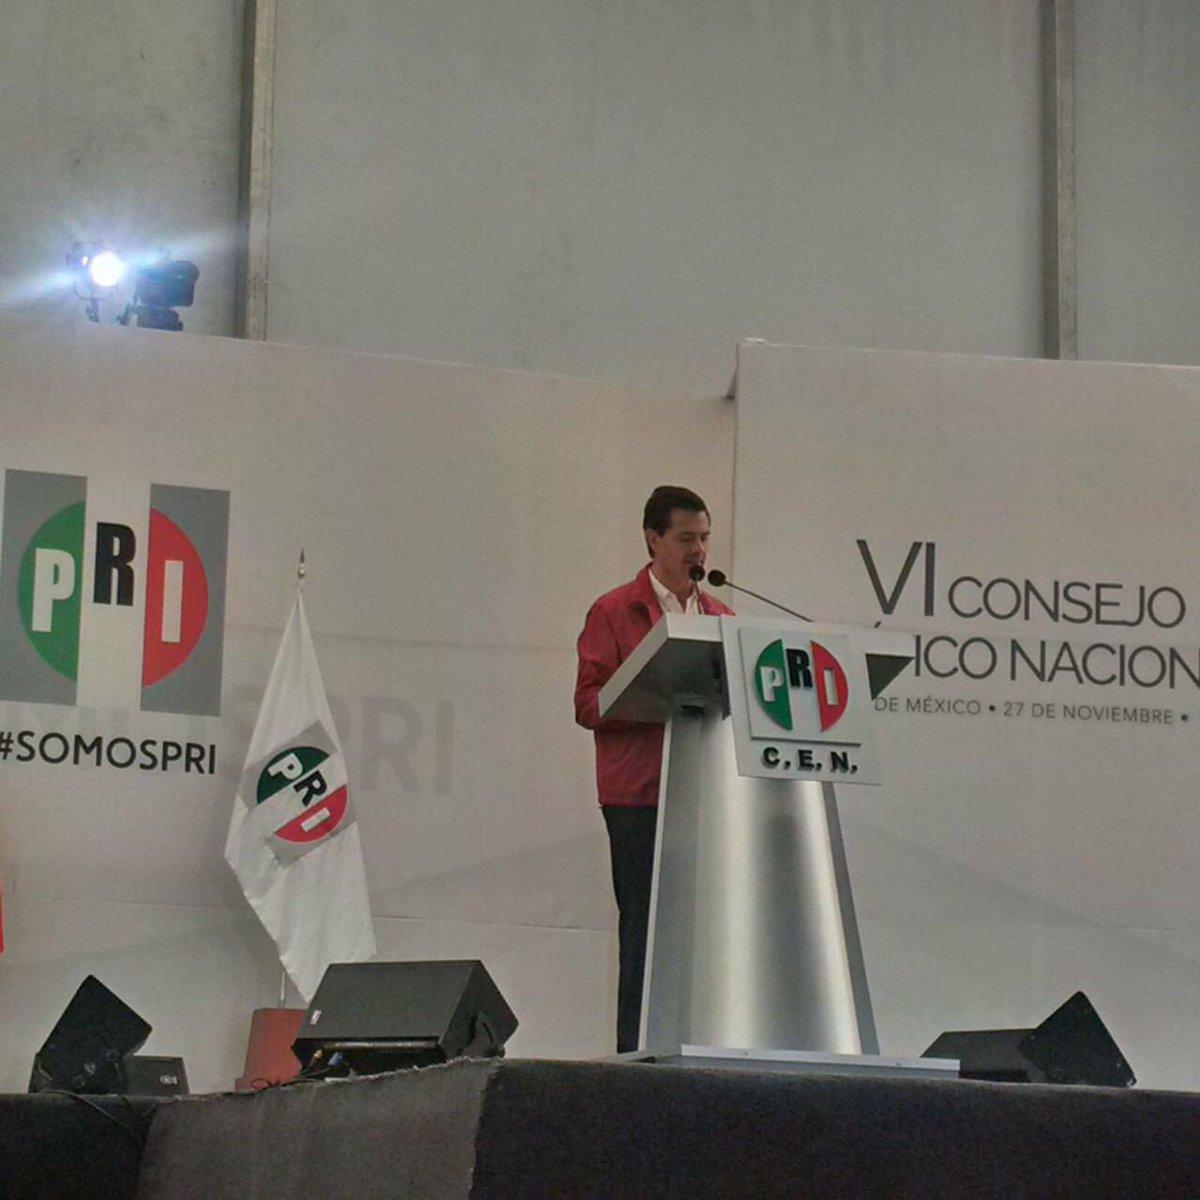 El @PRI_Nacional y el Presidente @EPN impulsan el proyecto de nación que hará a México más próspero, equitativo  y competitivo